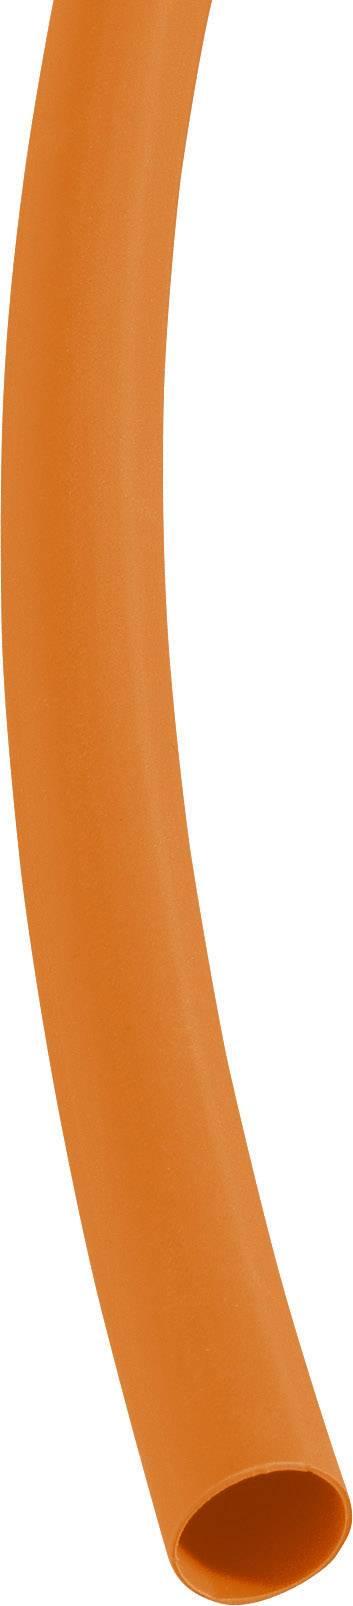 Zmršťovacie bužírky nelepiace DSG Canusa 3290048203, 3:1, 4.80 mm, oranžová, metrový tovar